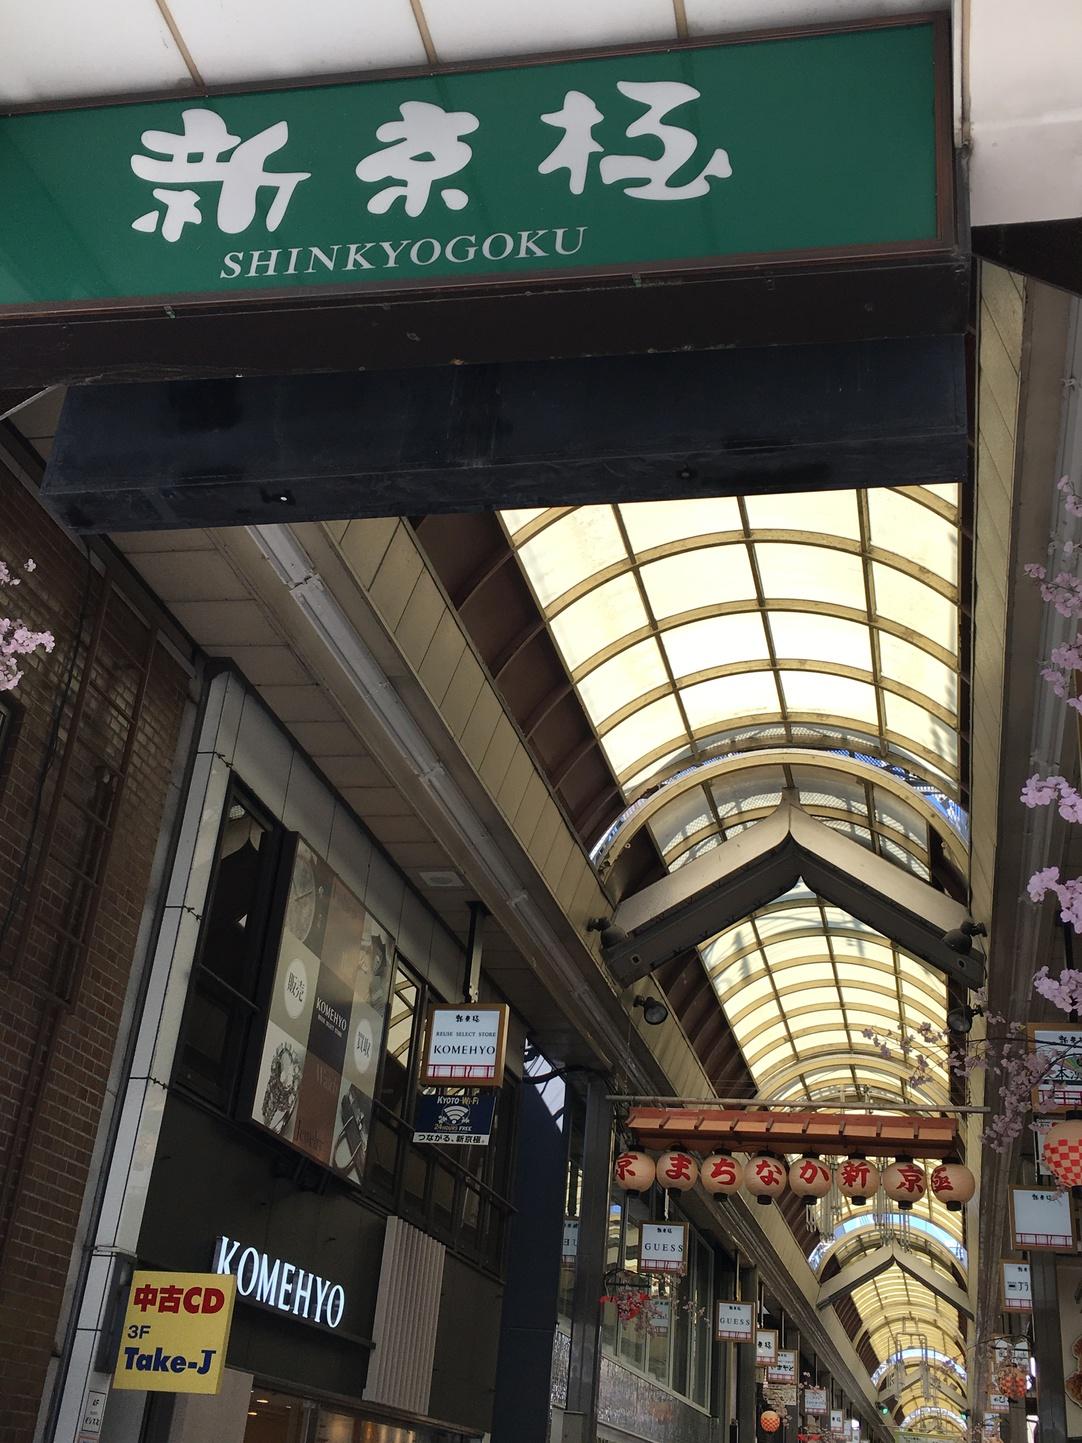 新京極商店街までアーケードで繋がっています!徒歩1分!